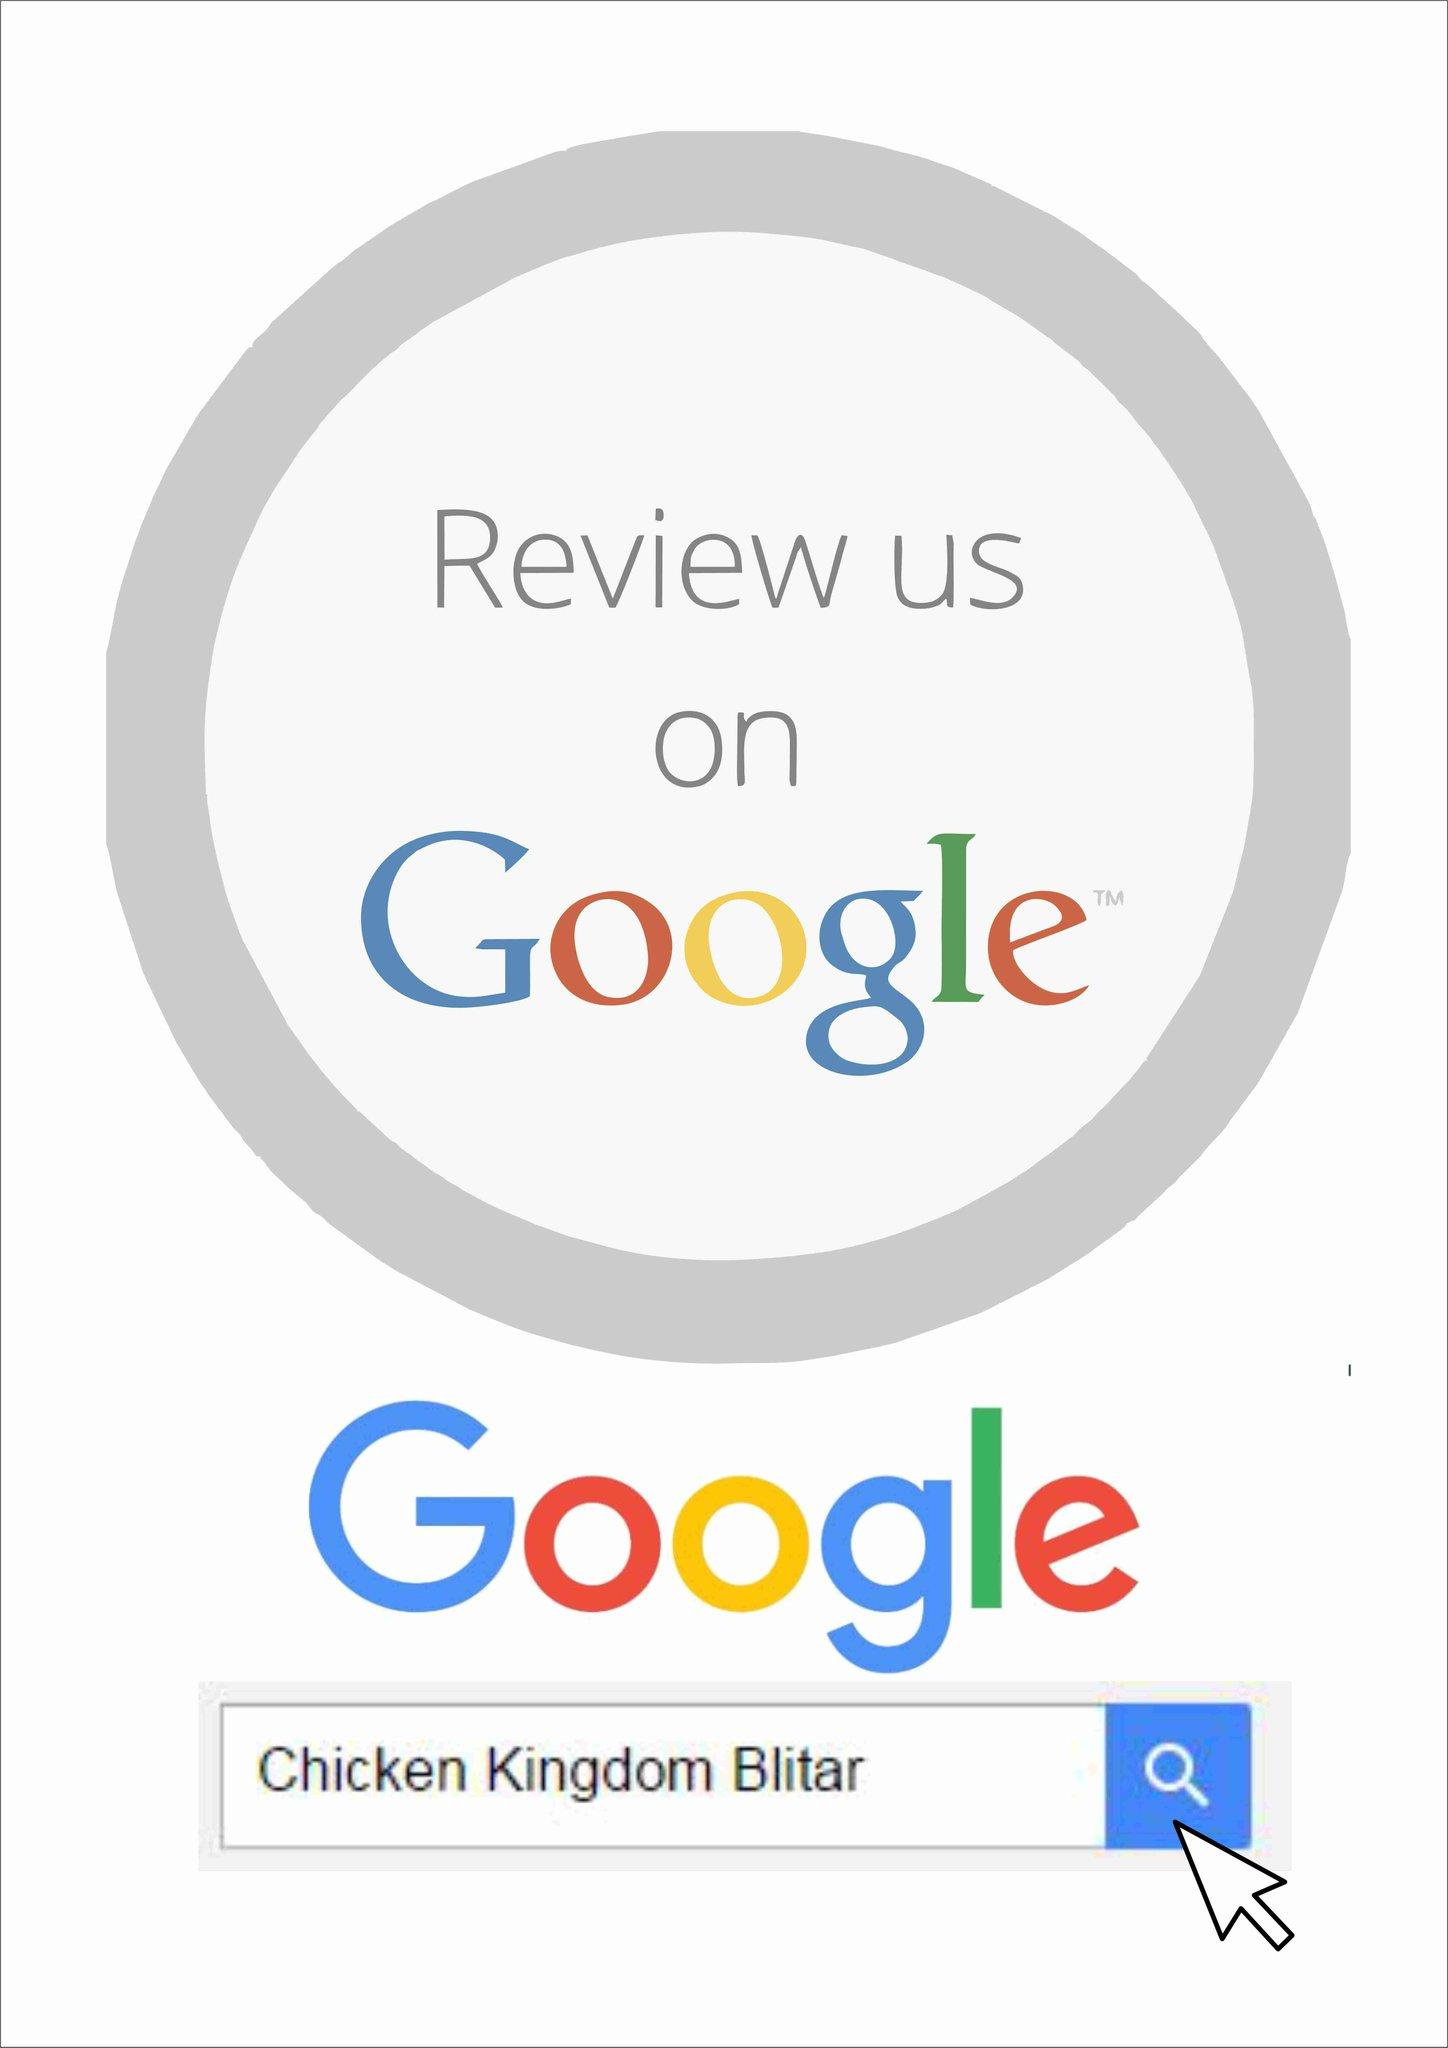 Ulas Kami Di Google : google, CHICKEN, KINGDOM, توییتر, @sahabatkingdom, Bantu, Google, Ketik,